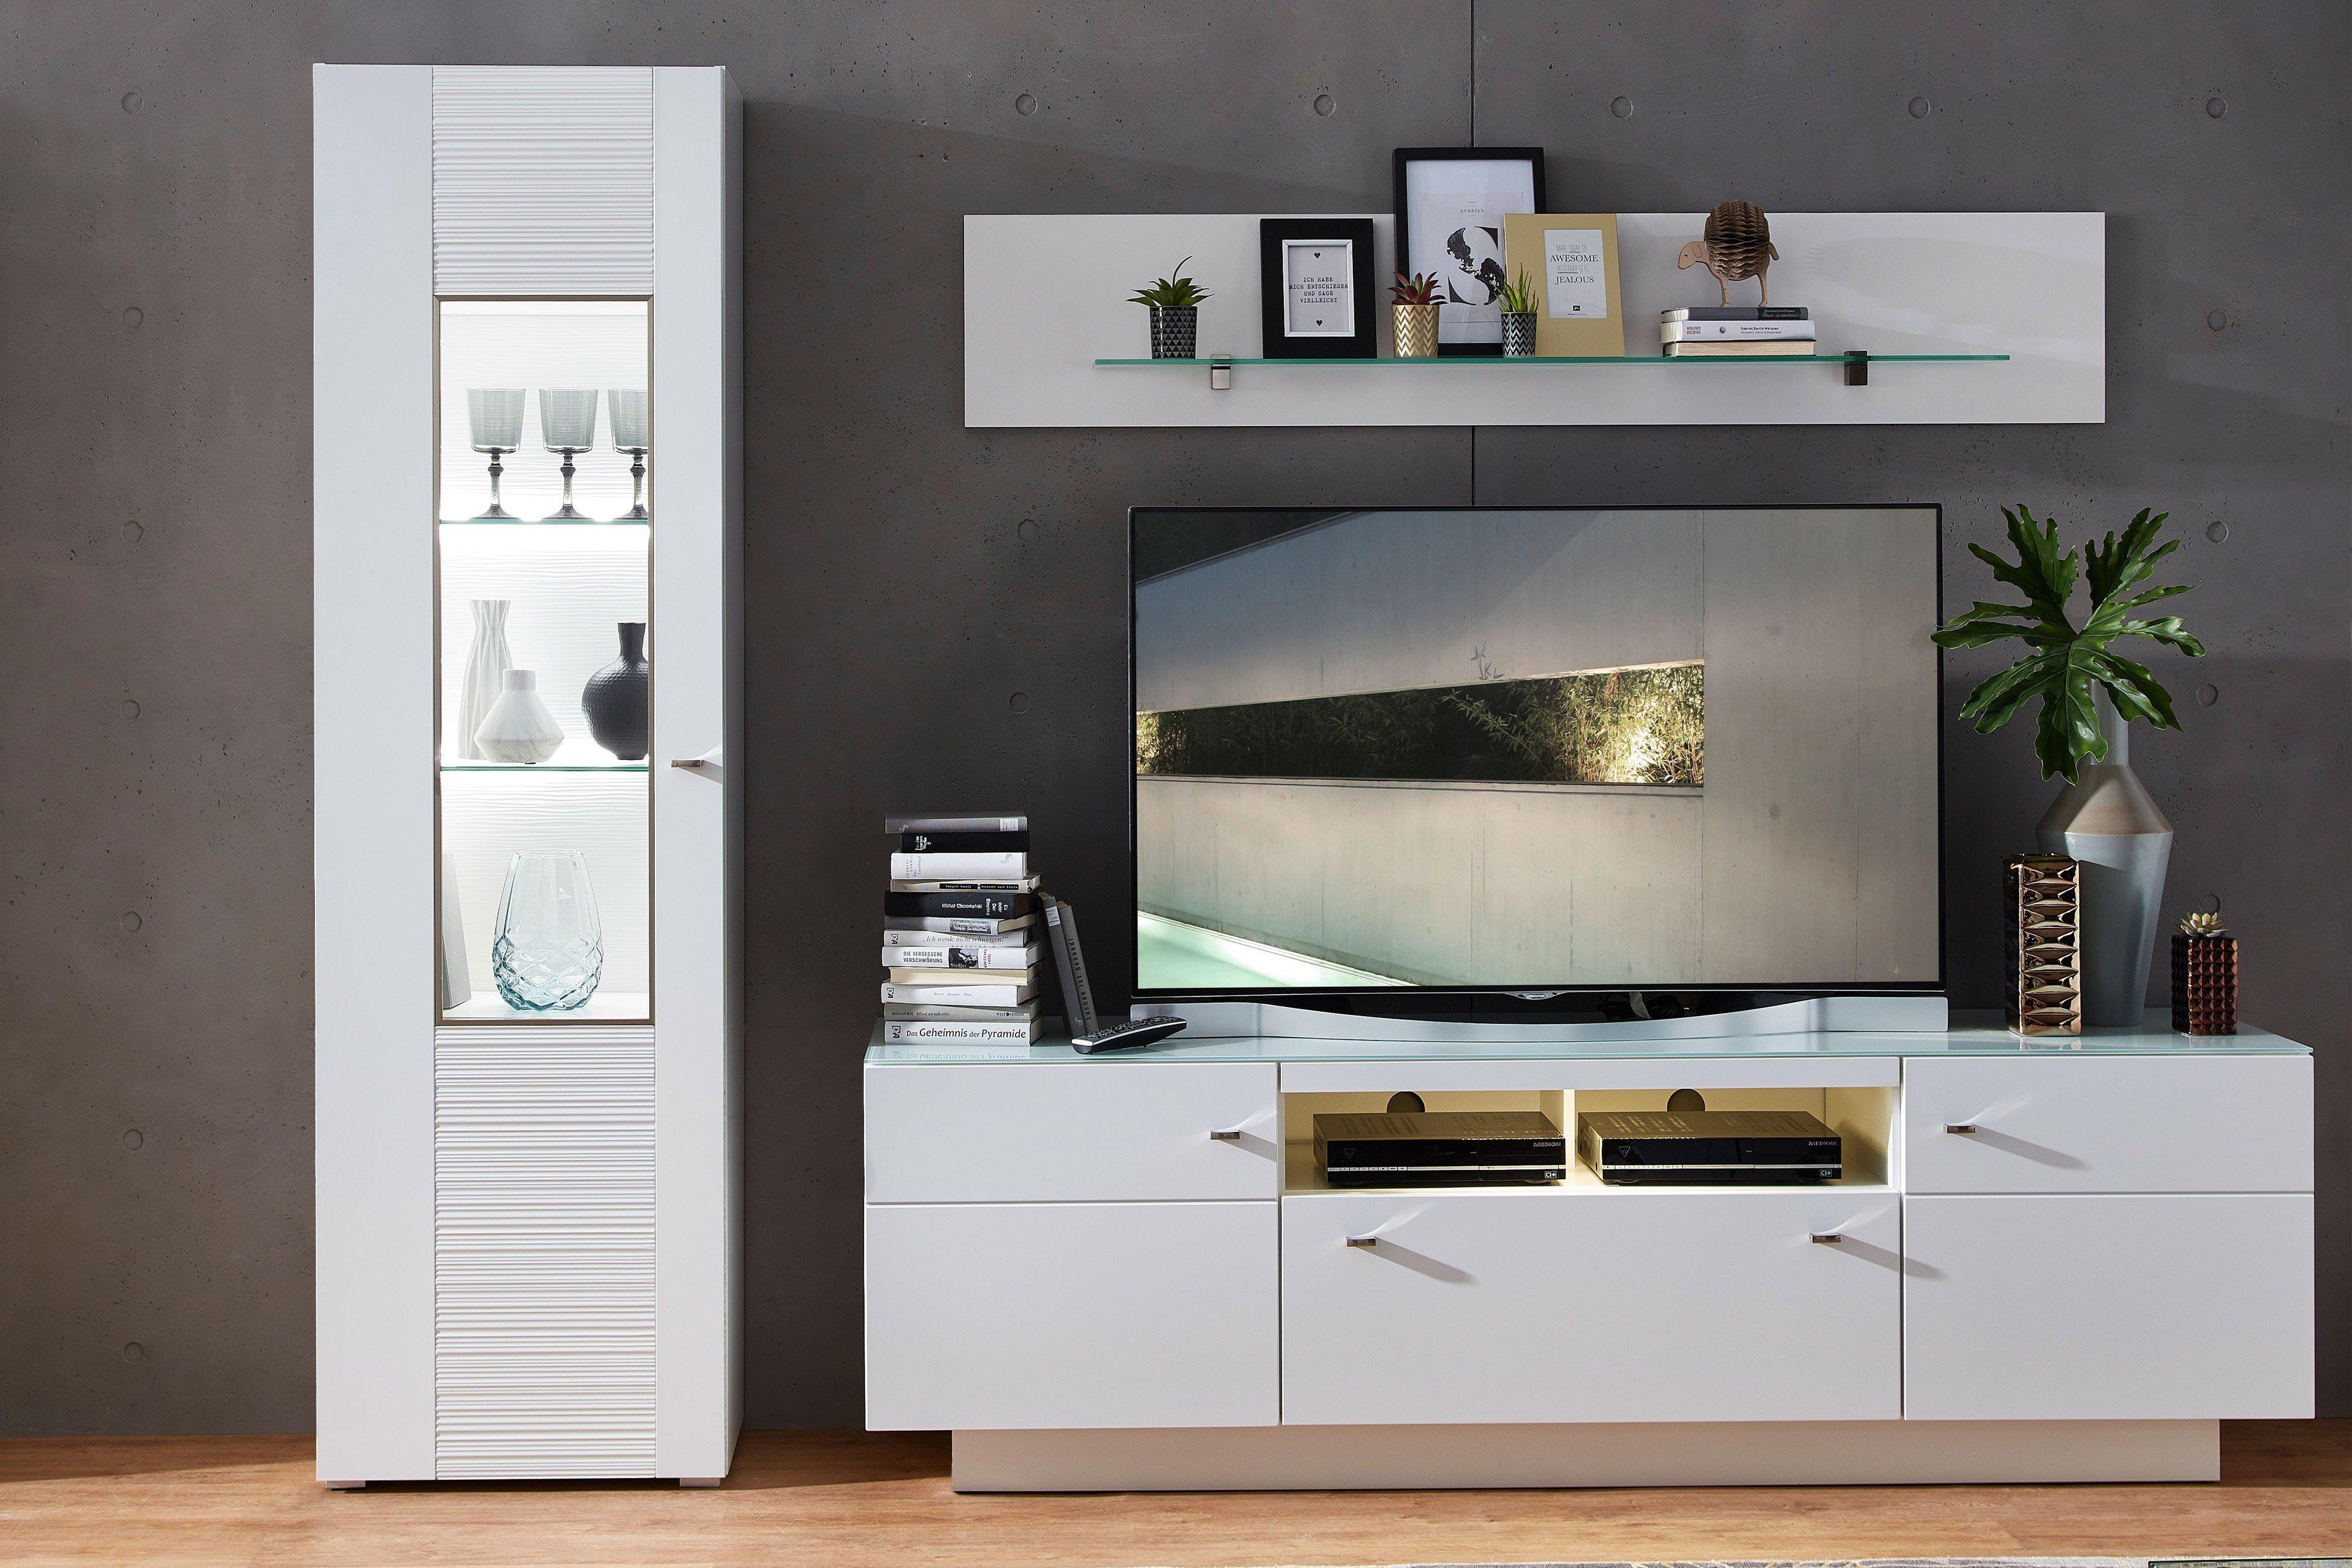 Berühmt Küche In Schränken Zum Verkauf Durban Gebaut Fotos - Ideen ...